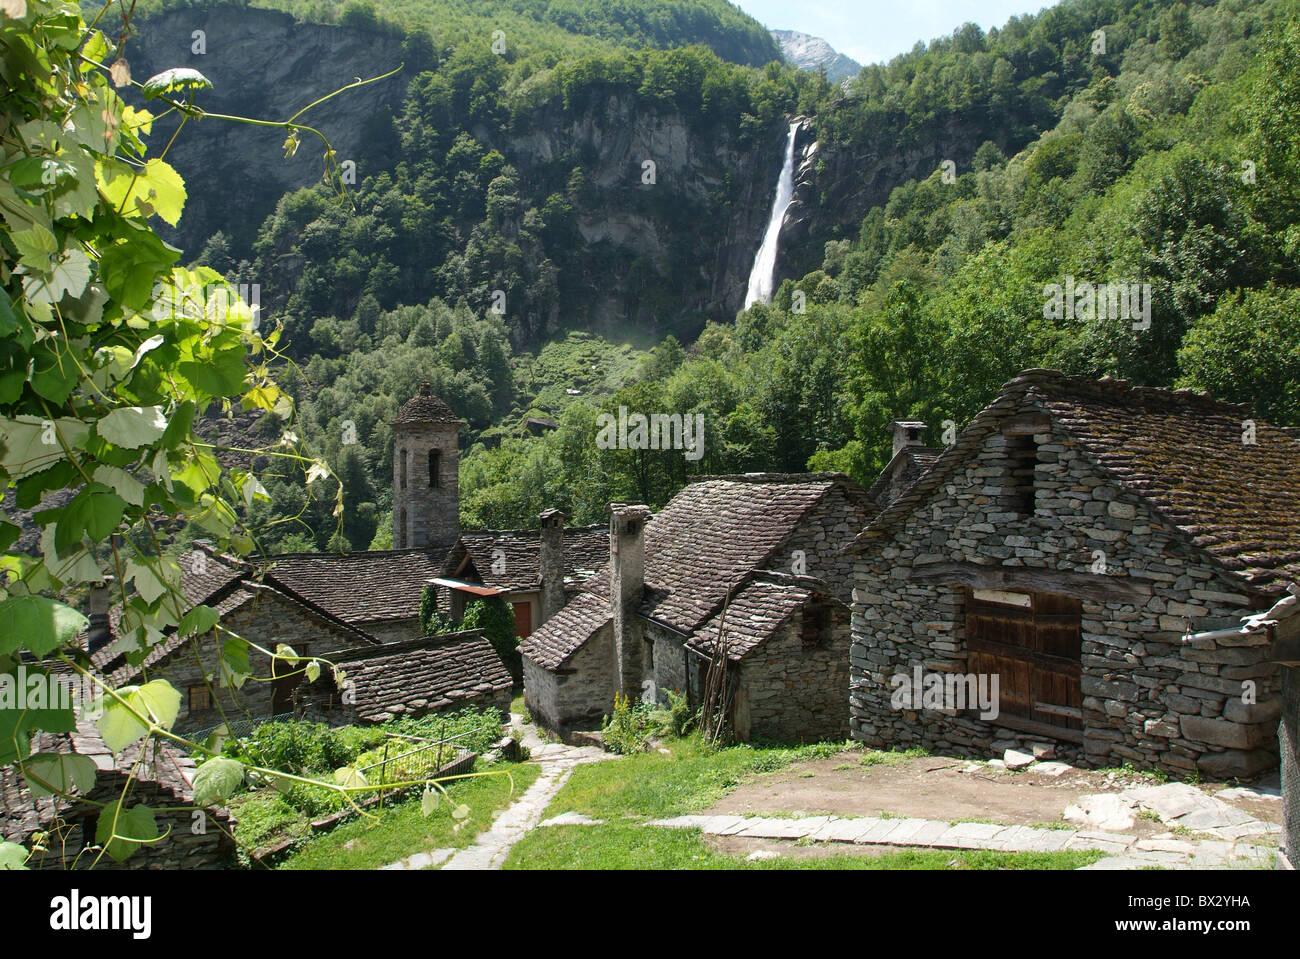 Case Di Montagna In Pietra : Foroglio villaggio villaggio di montagna cascata montagne delle